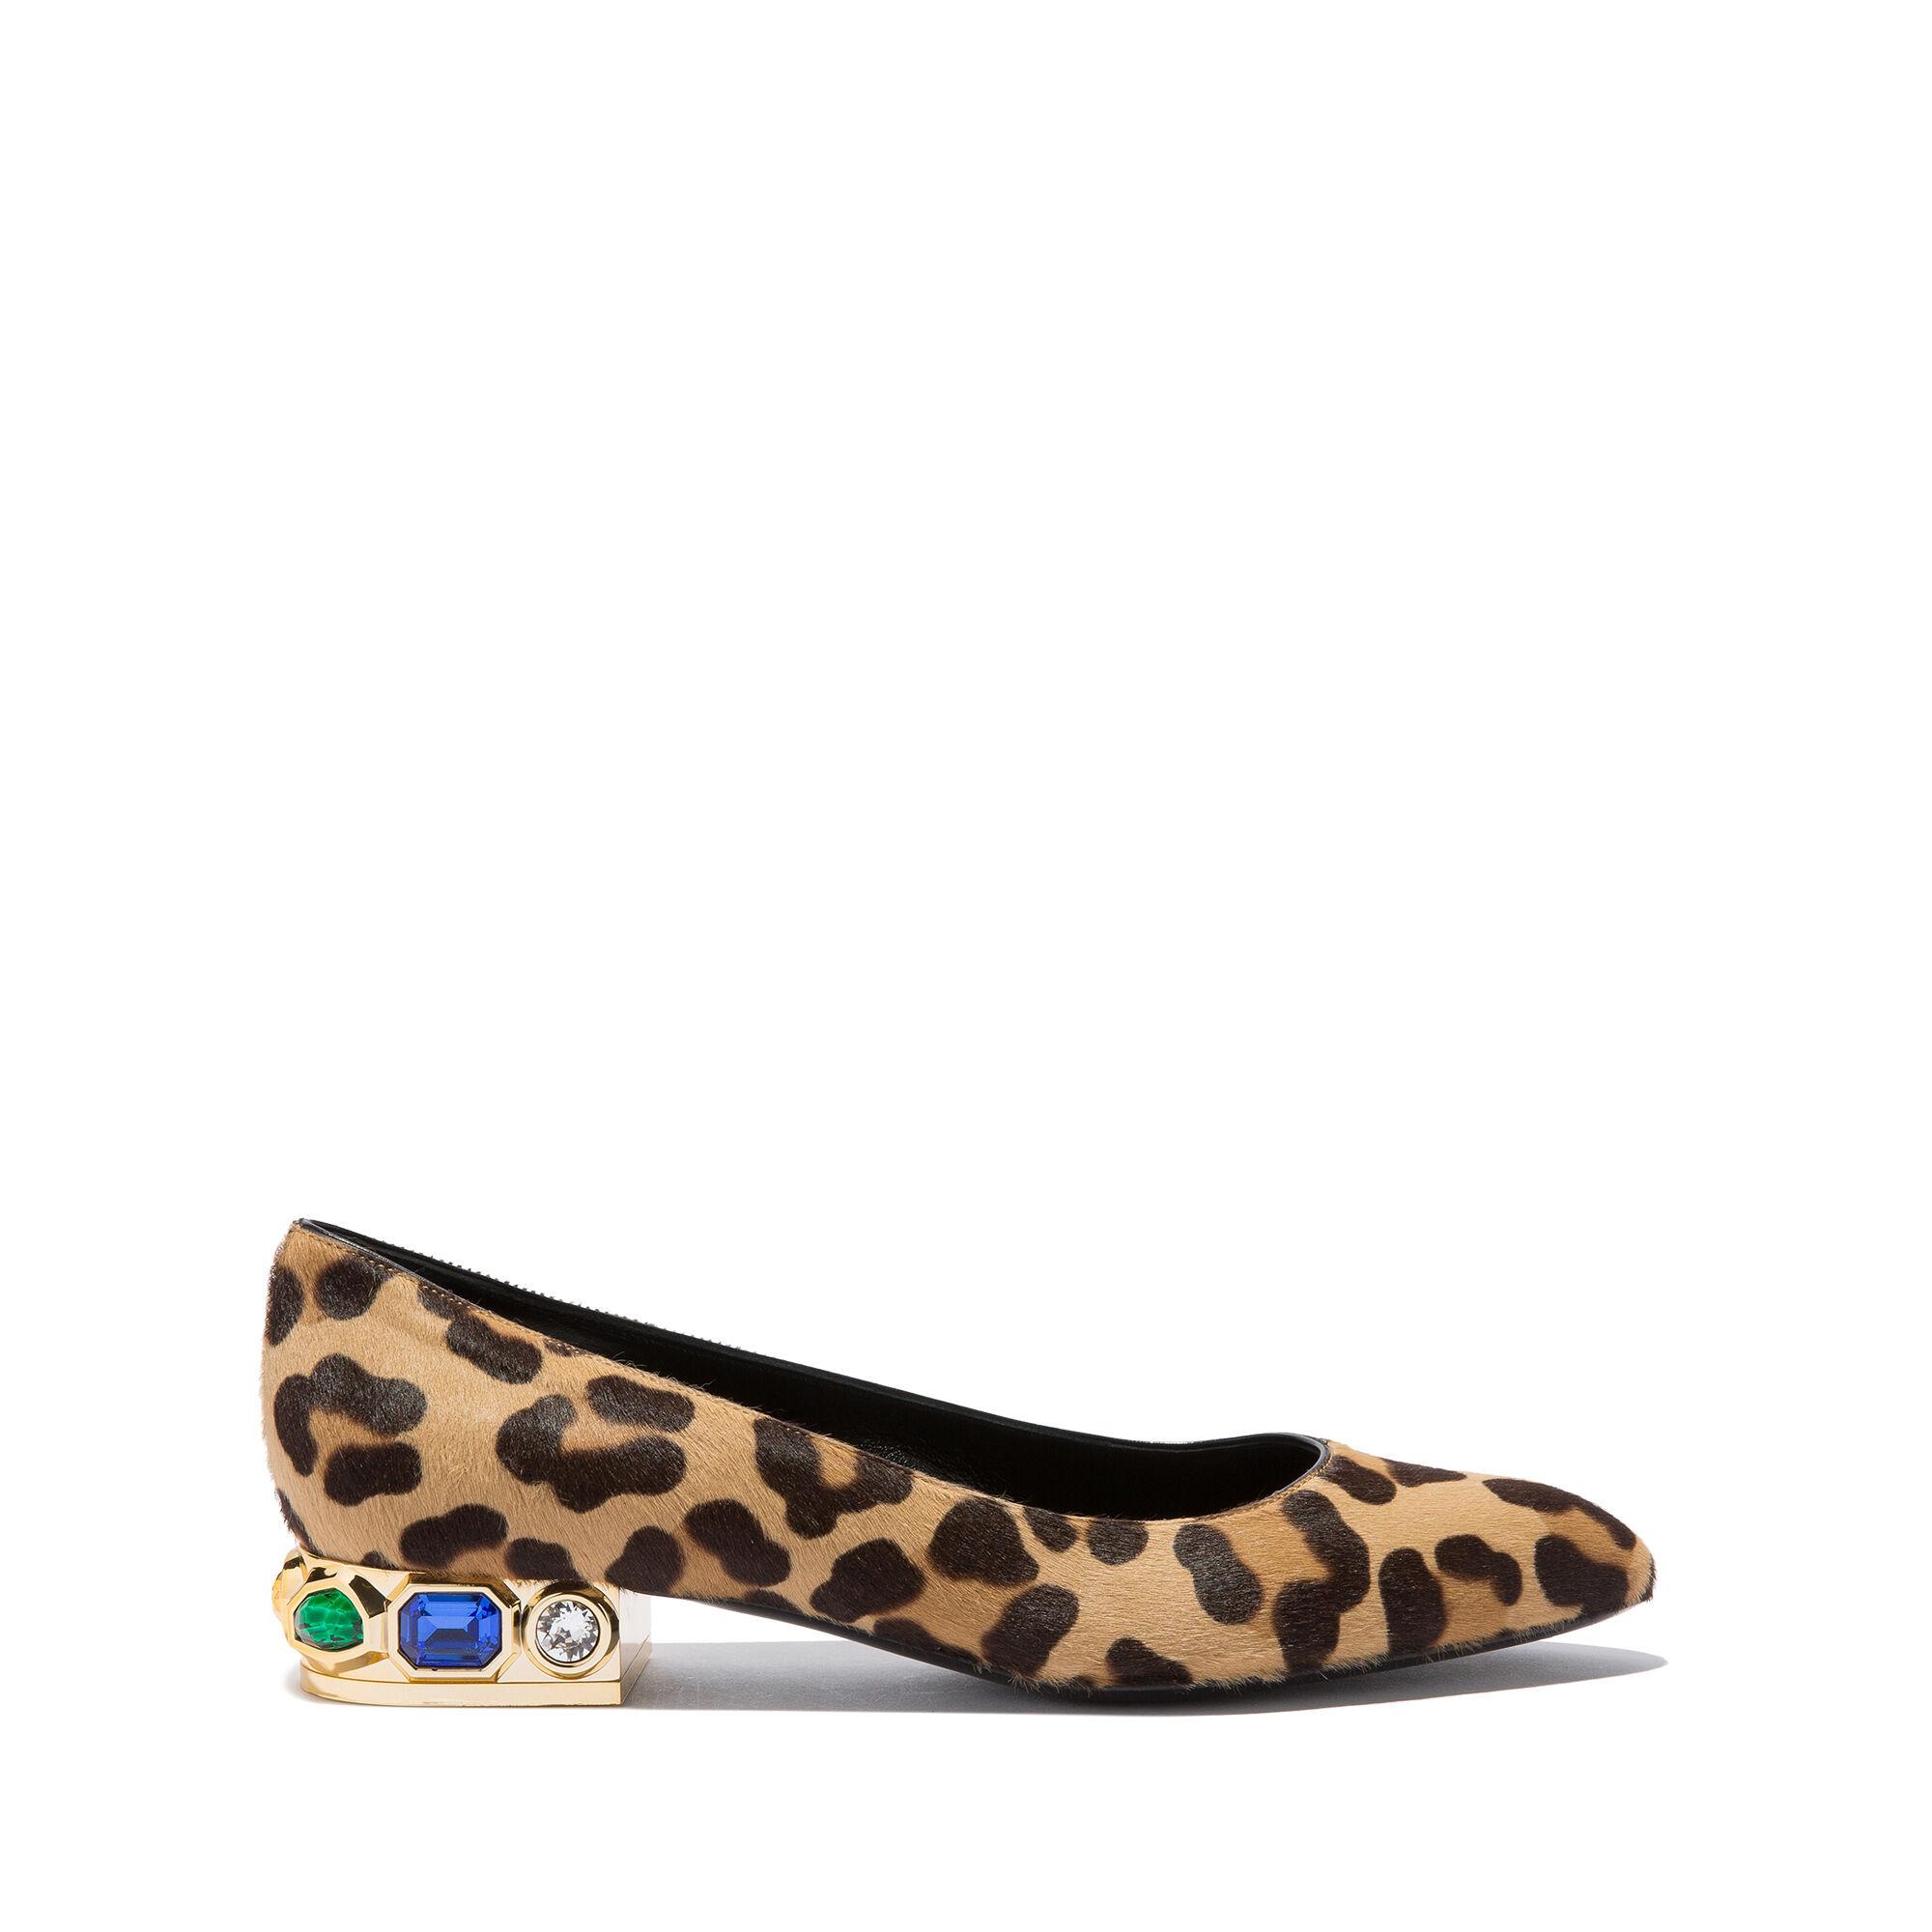 Acquista scarpe casadei  ec87fb30046